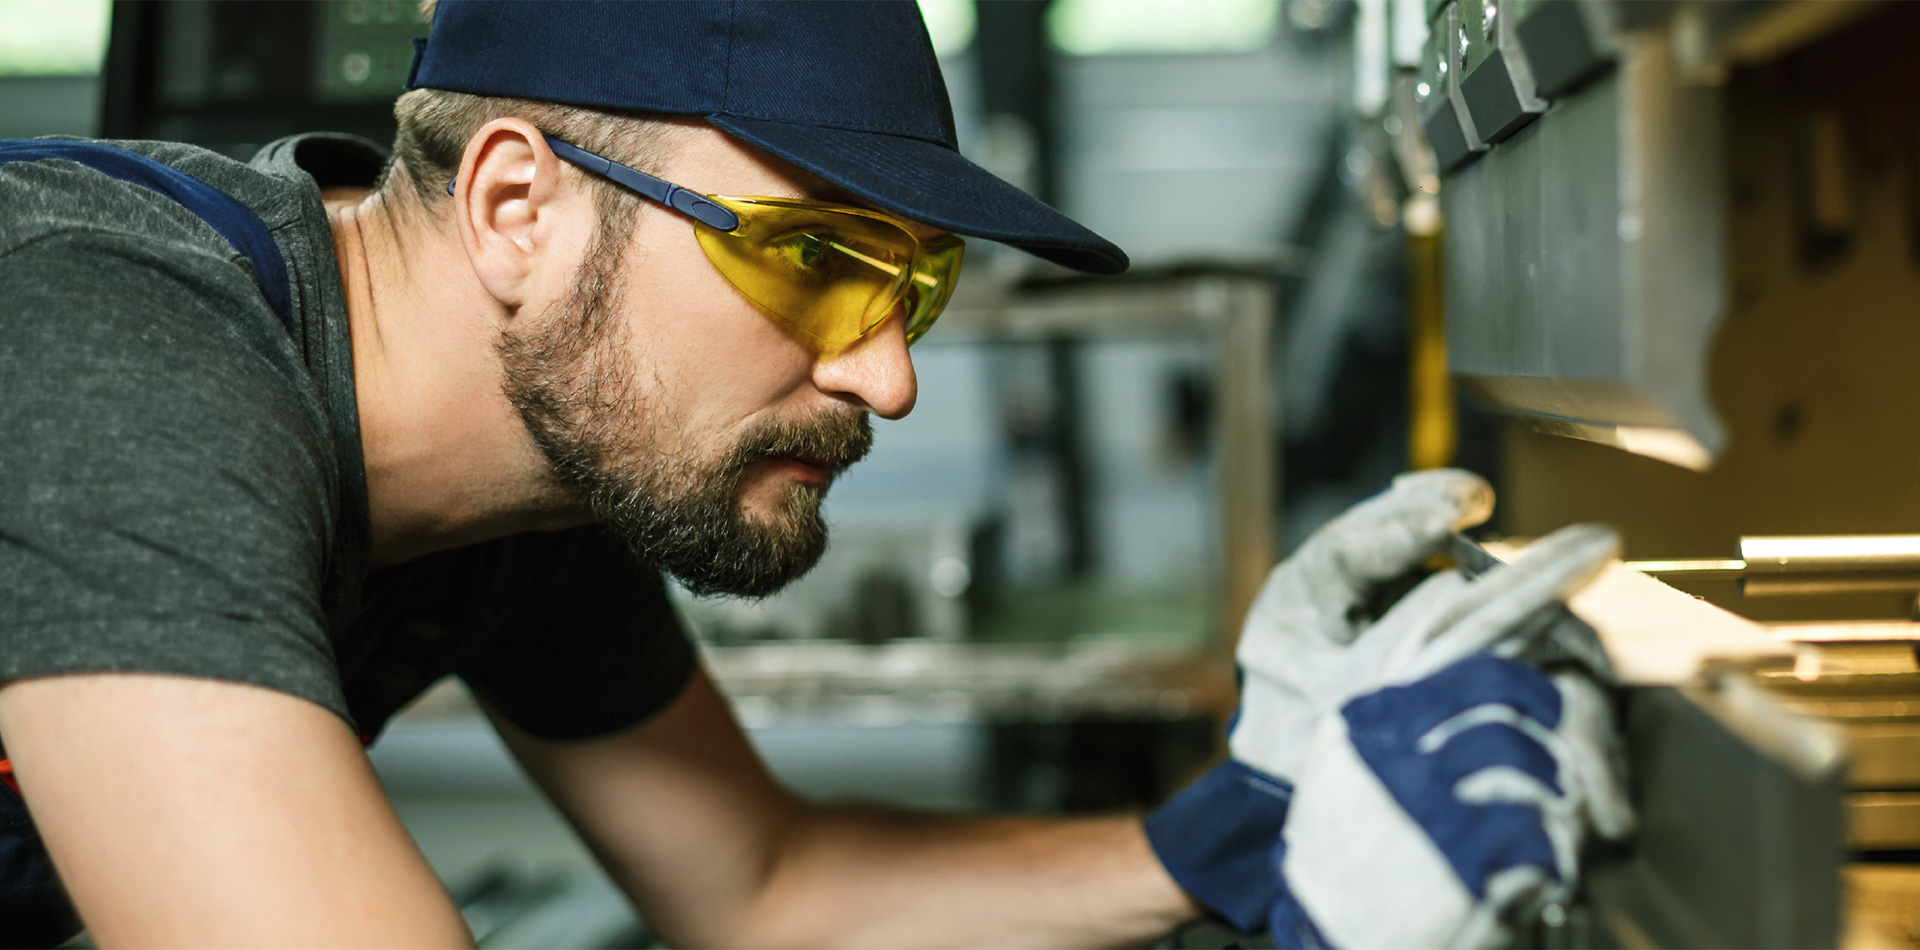 Facharbeiter an Maschine in Industrie oder Handwerk